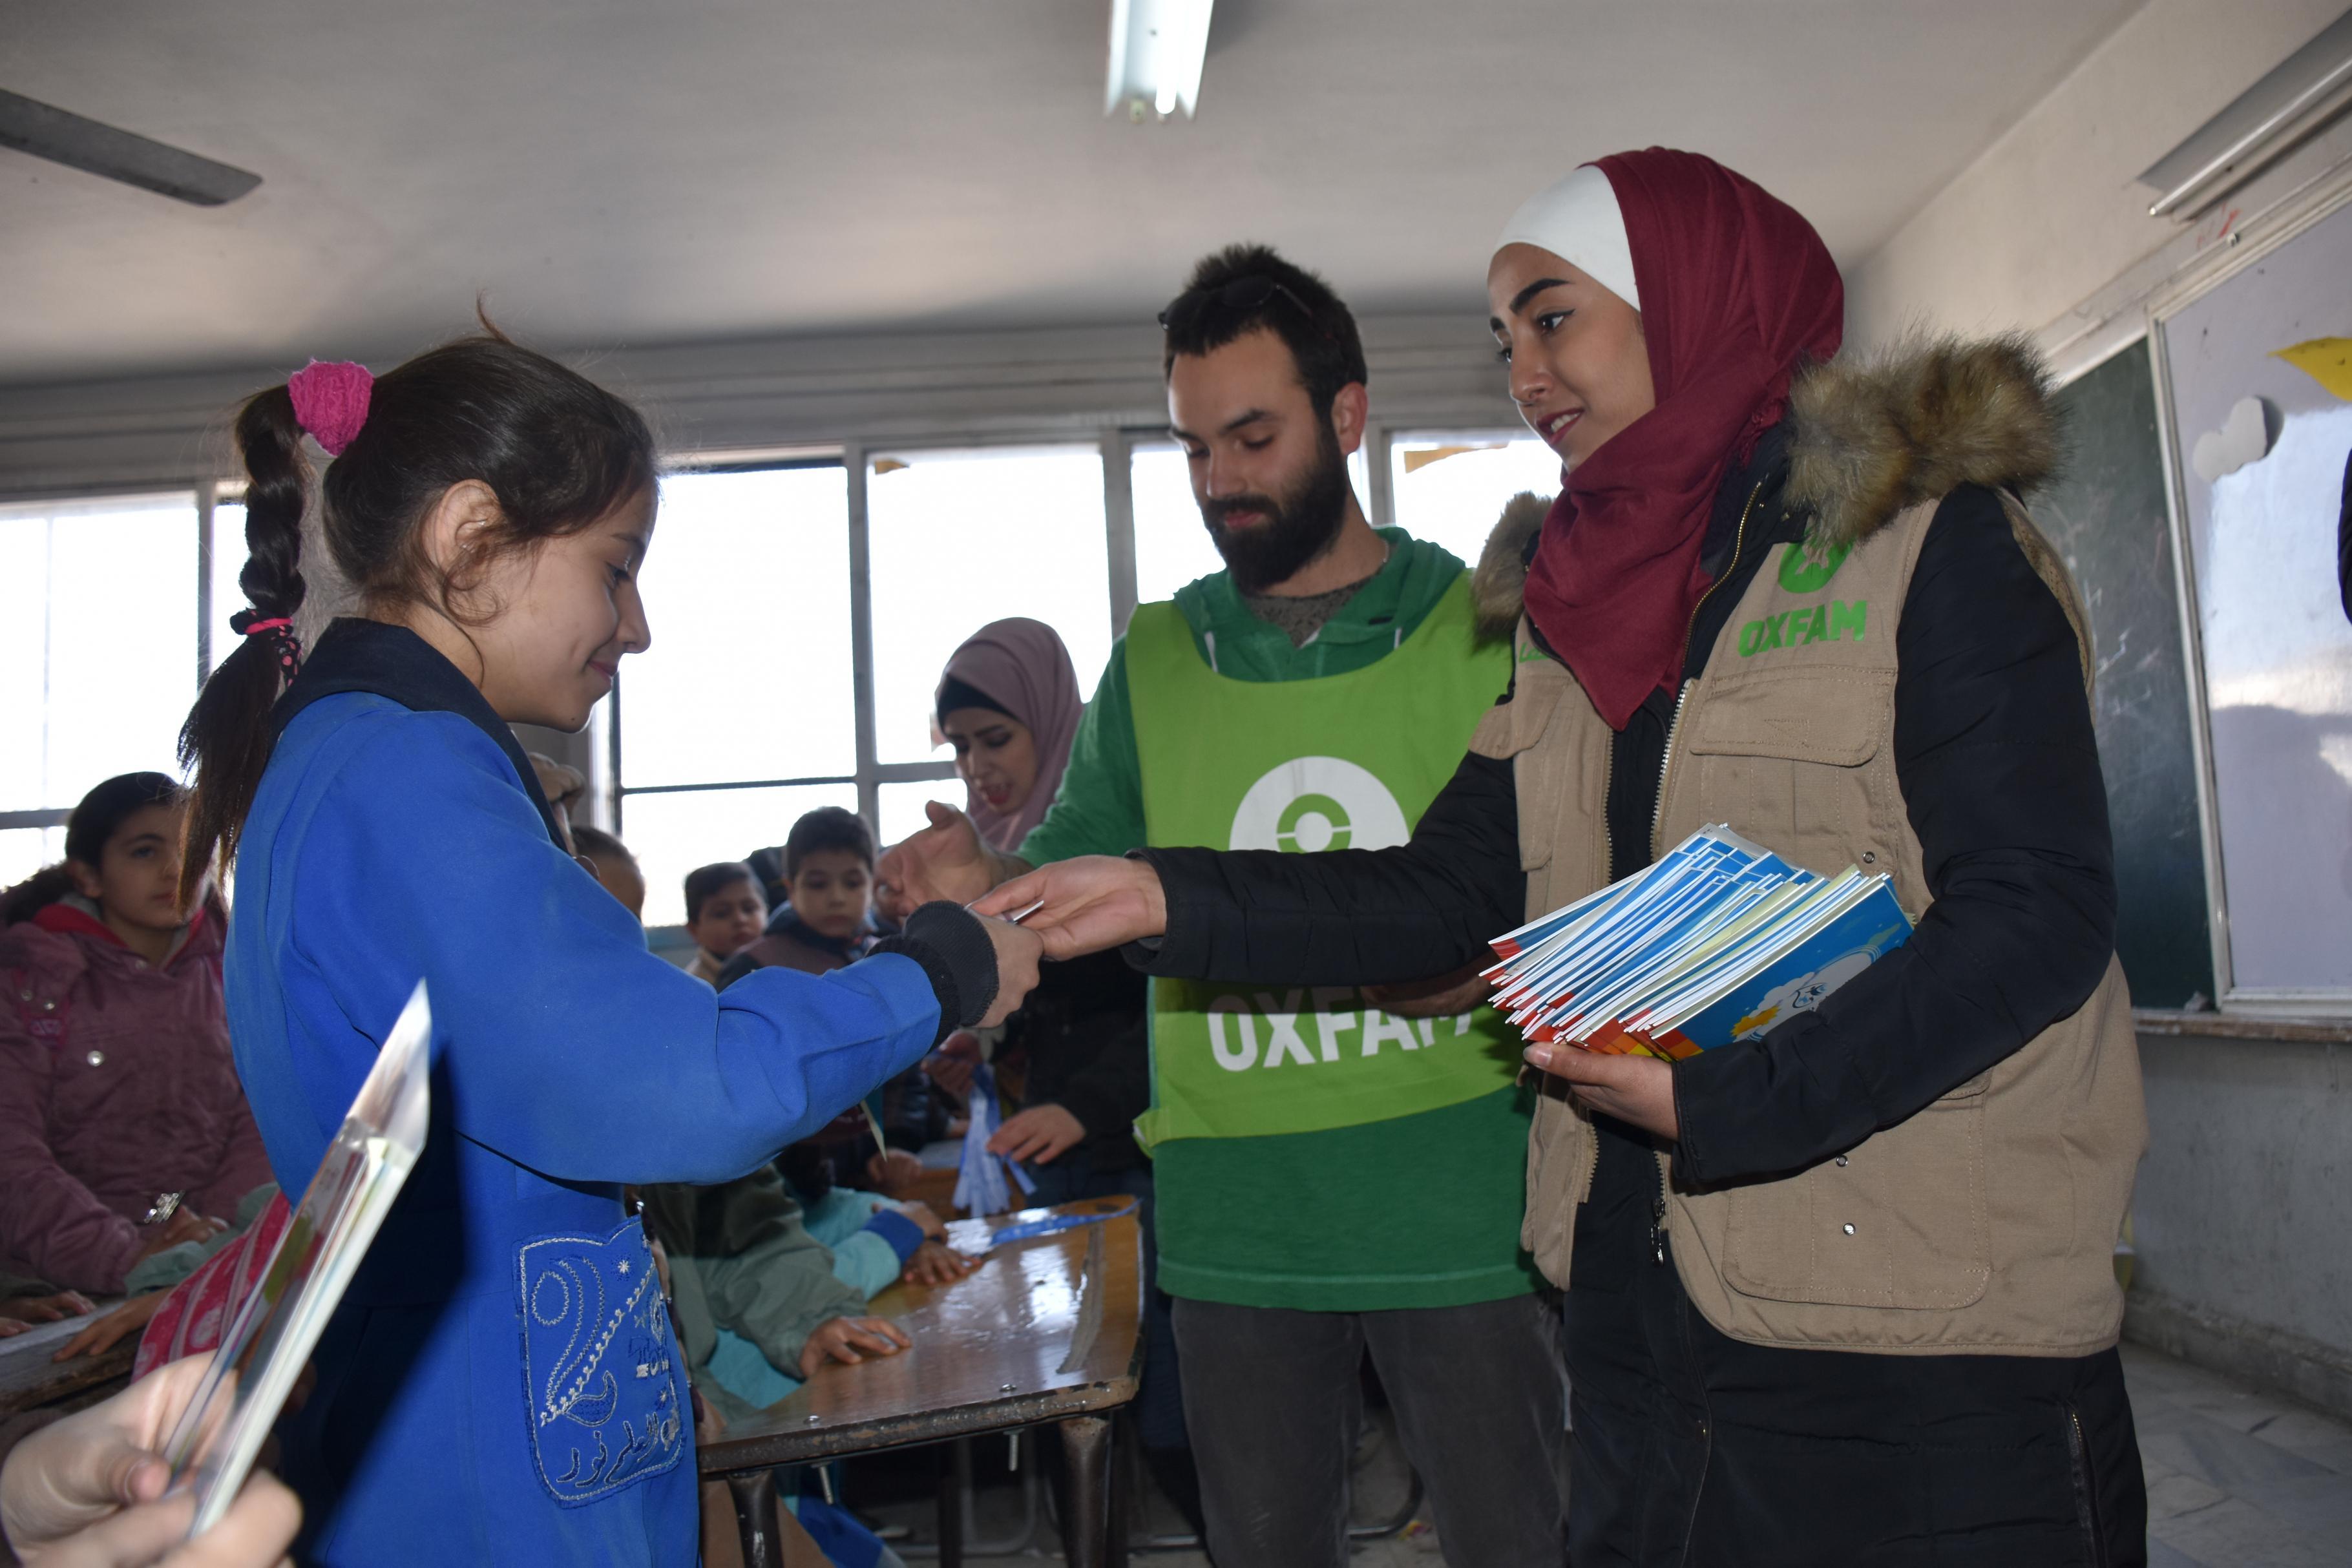 Freiwillige verteilen Malbücher an Schüler/innen